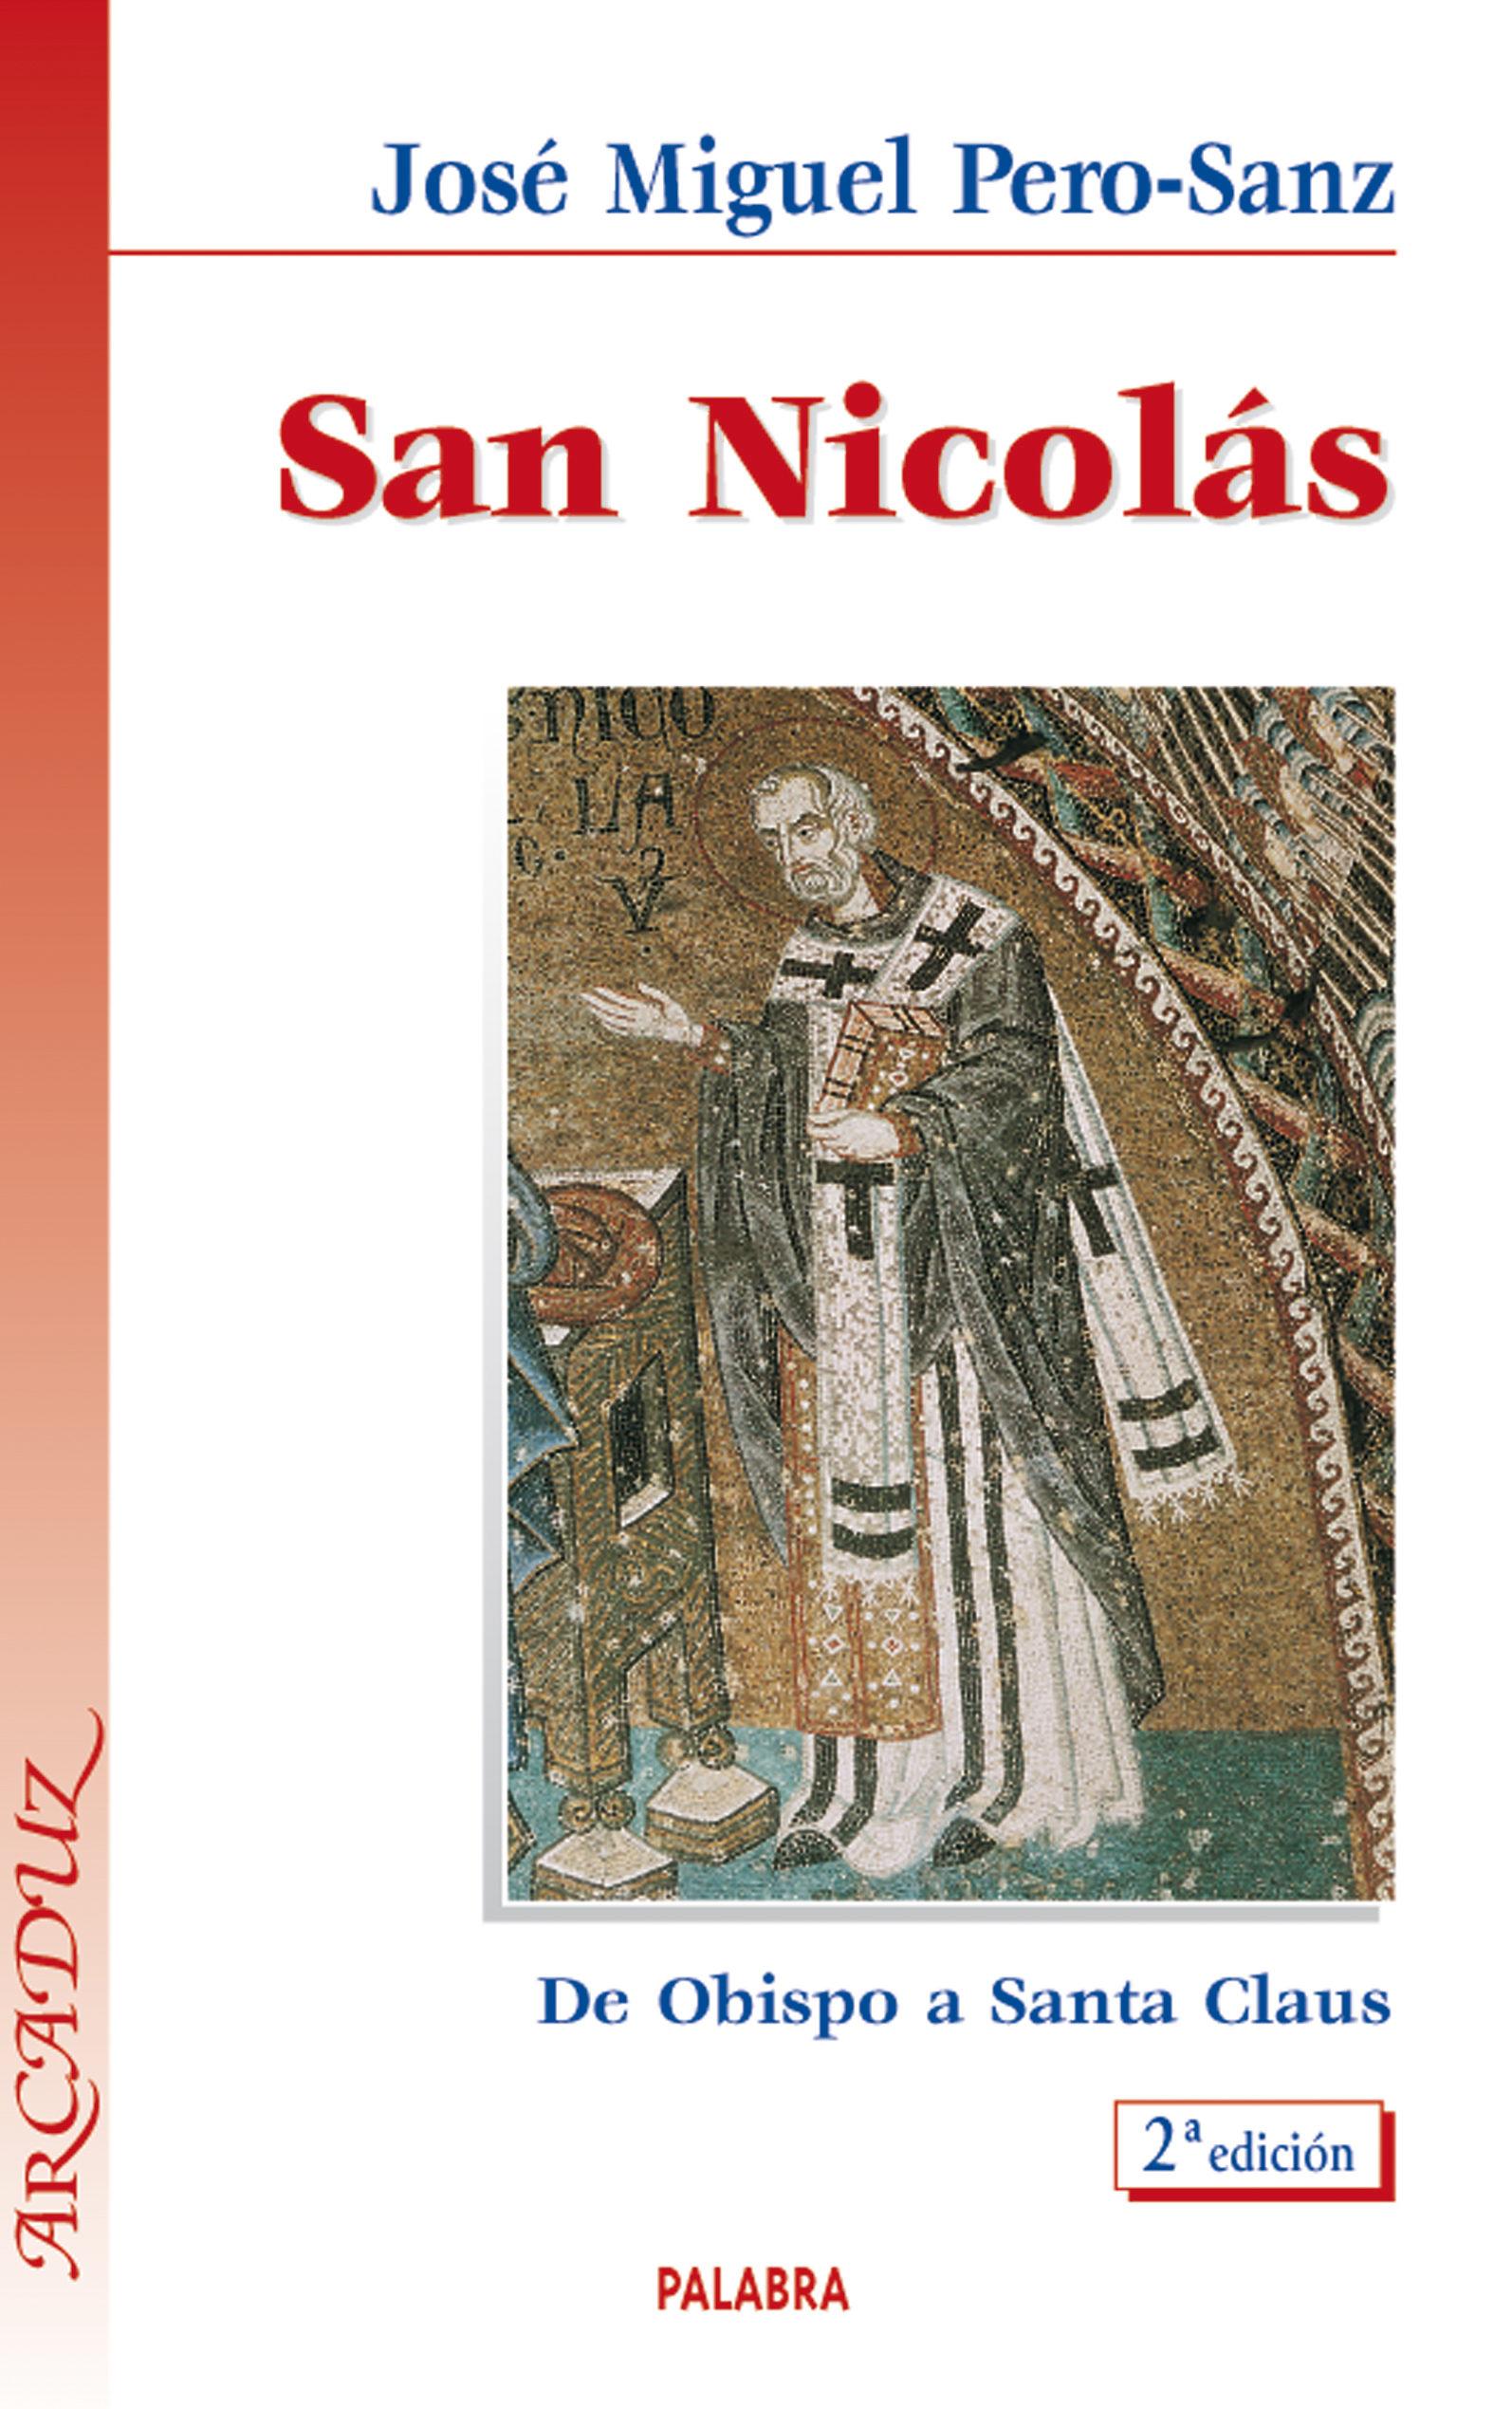 San Nicolás: De Obispo a Santa Claus - josé miguel pero-sanz - palabra